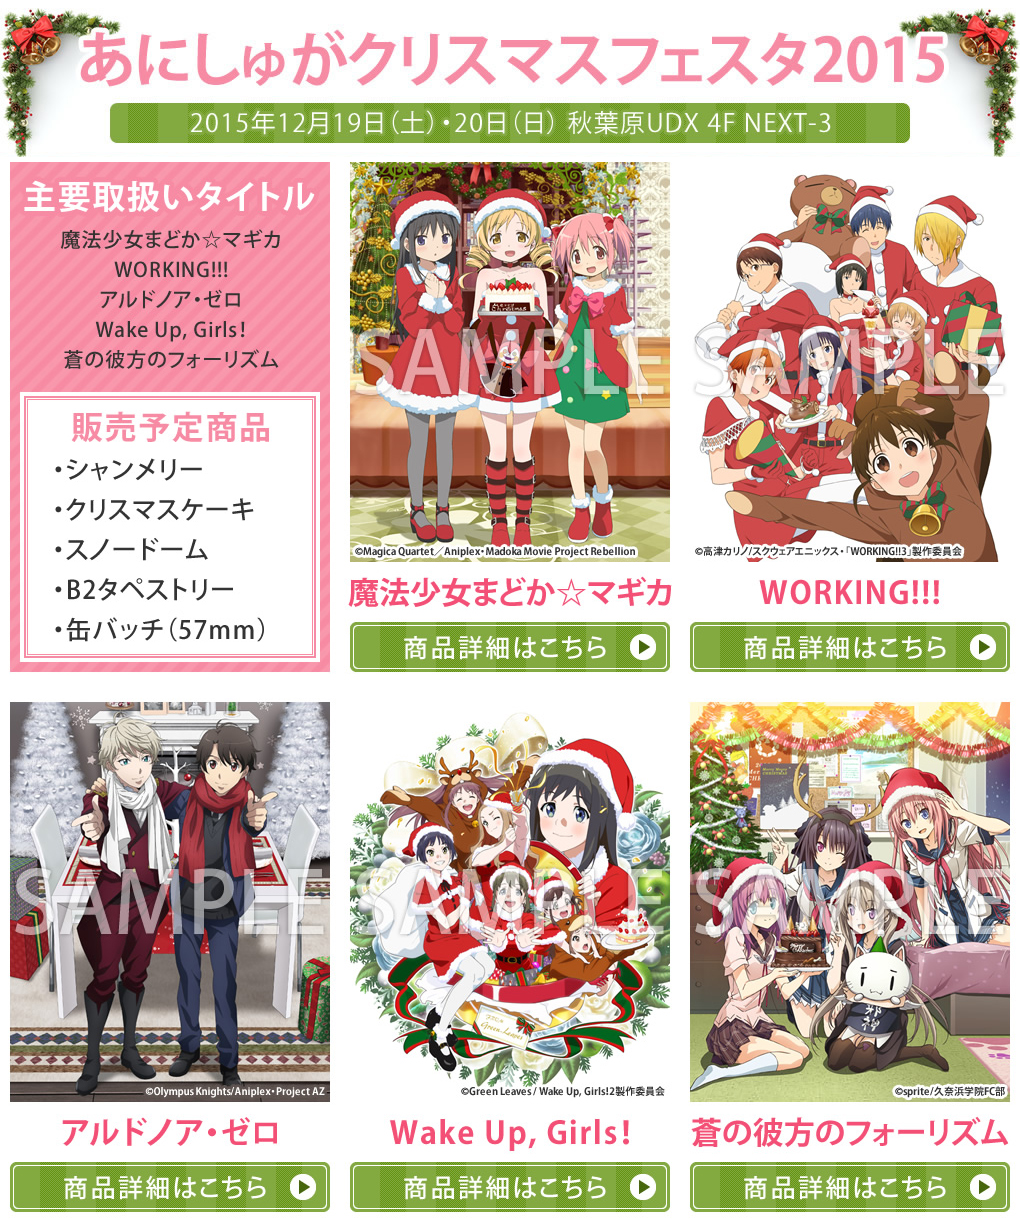 二次元嫁や彼とのクリスマスにいかが?アニメ公式ケーキが19・20日秋葉で販売